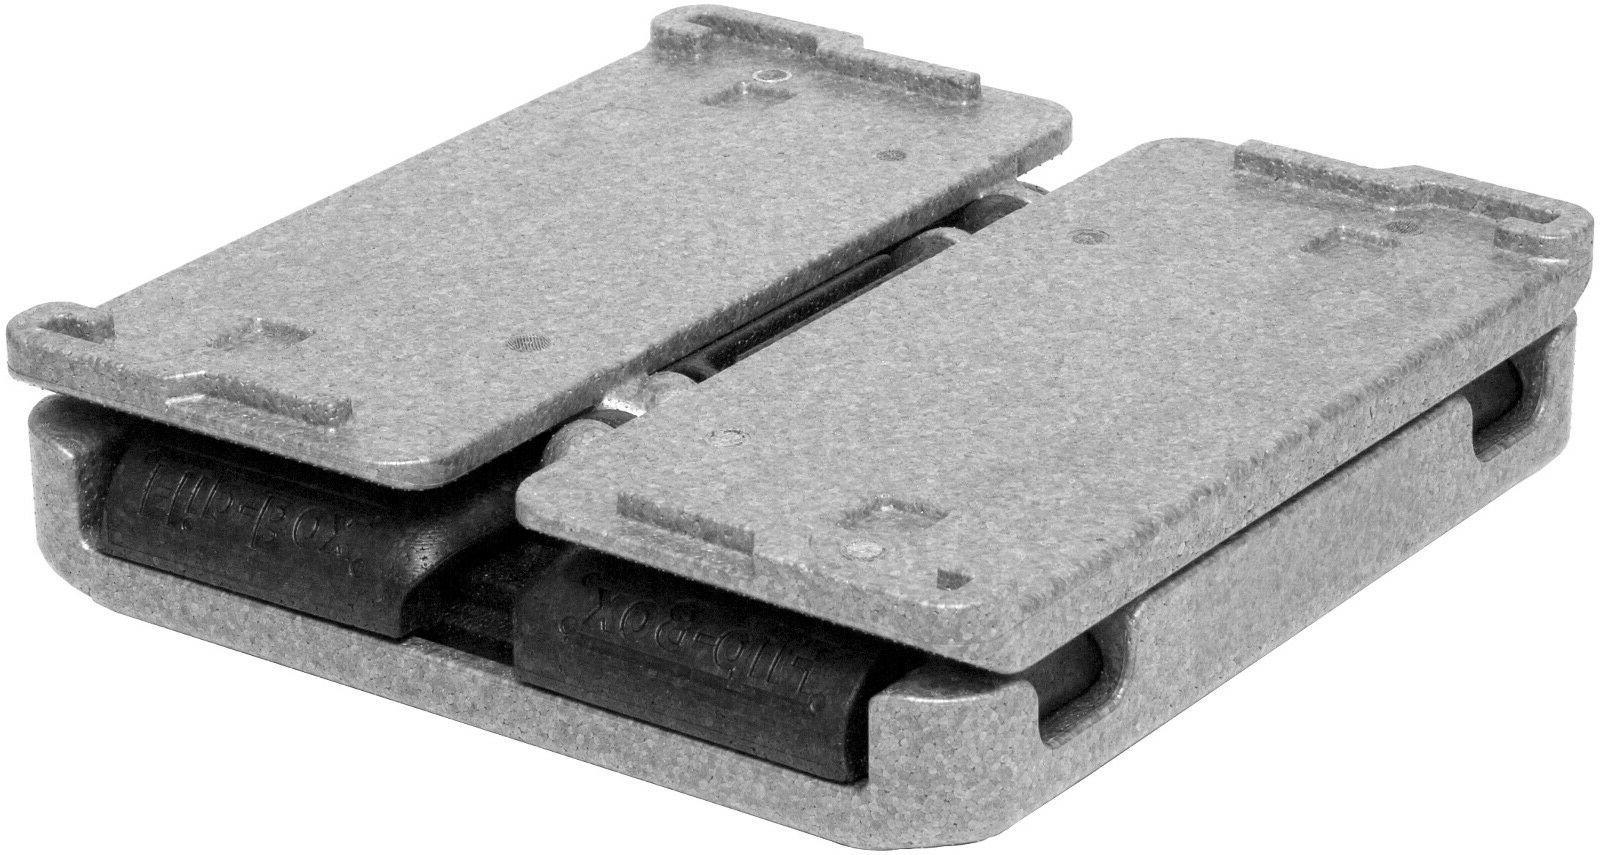 Flip Box Foldable ICELESS Cooler Size Ex-Large